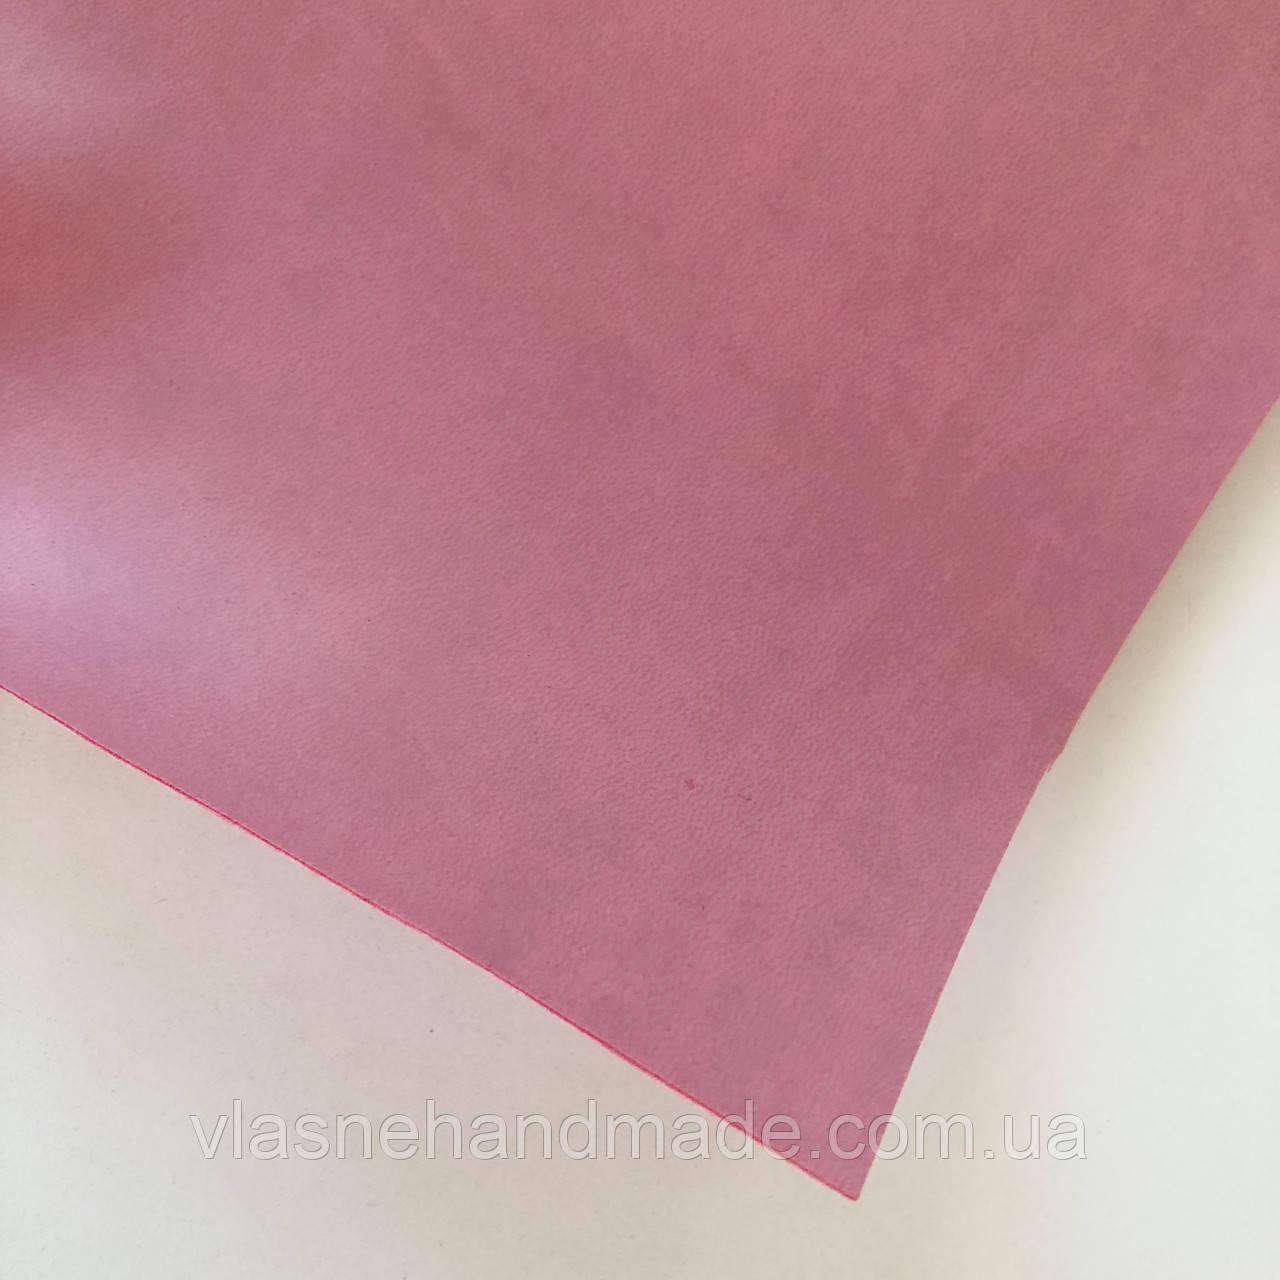 Шкірзамінник палітурний - матовий - блідо-рожевий - виробник Італія - 25х35 см